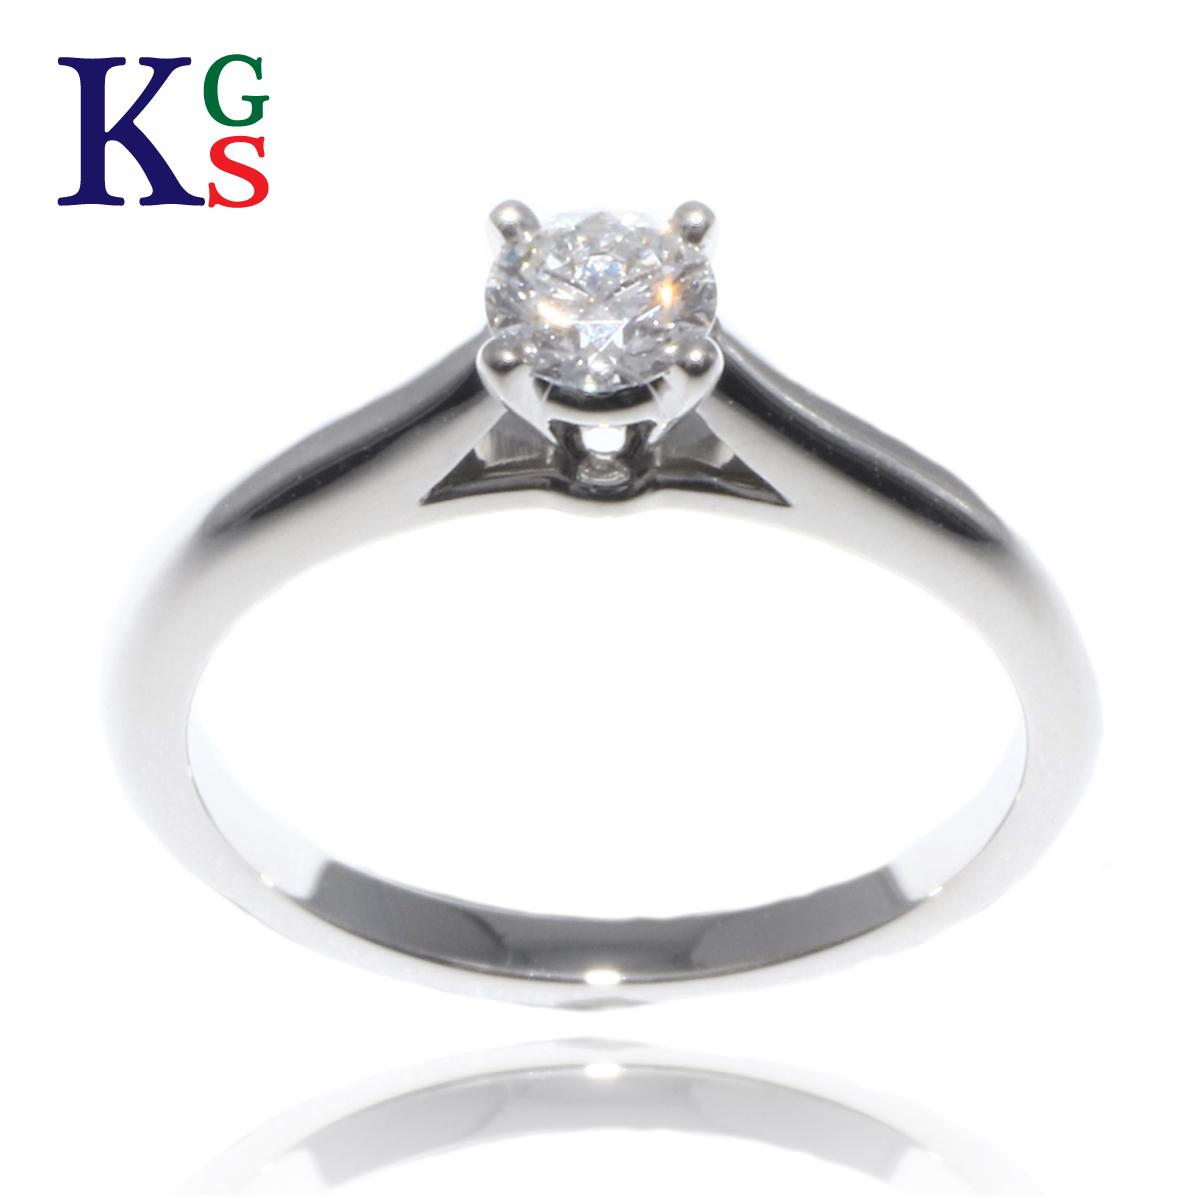 【ギフト品質】【名入れ】【0.19ct】カルティエ/Cartier レディース ジュエリー ソリテール エンゲージリング 婚約指輪 Pt950 1Pダイヤモンド